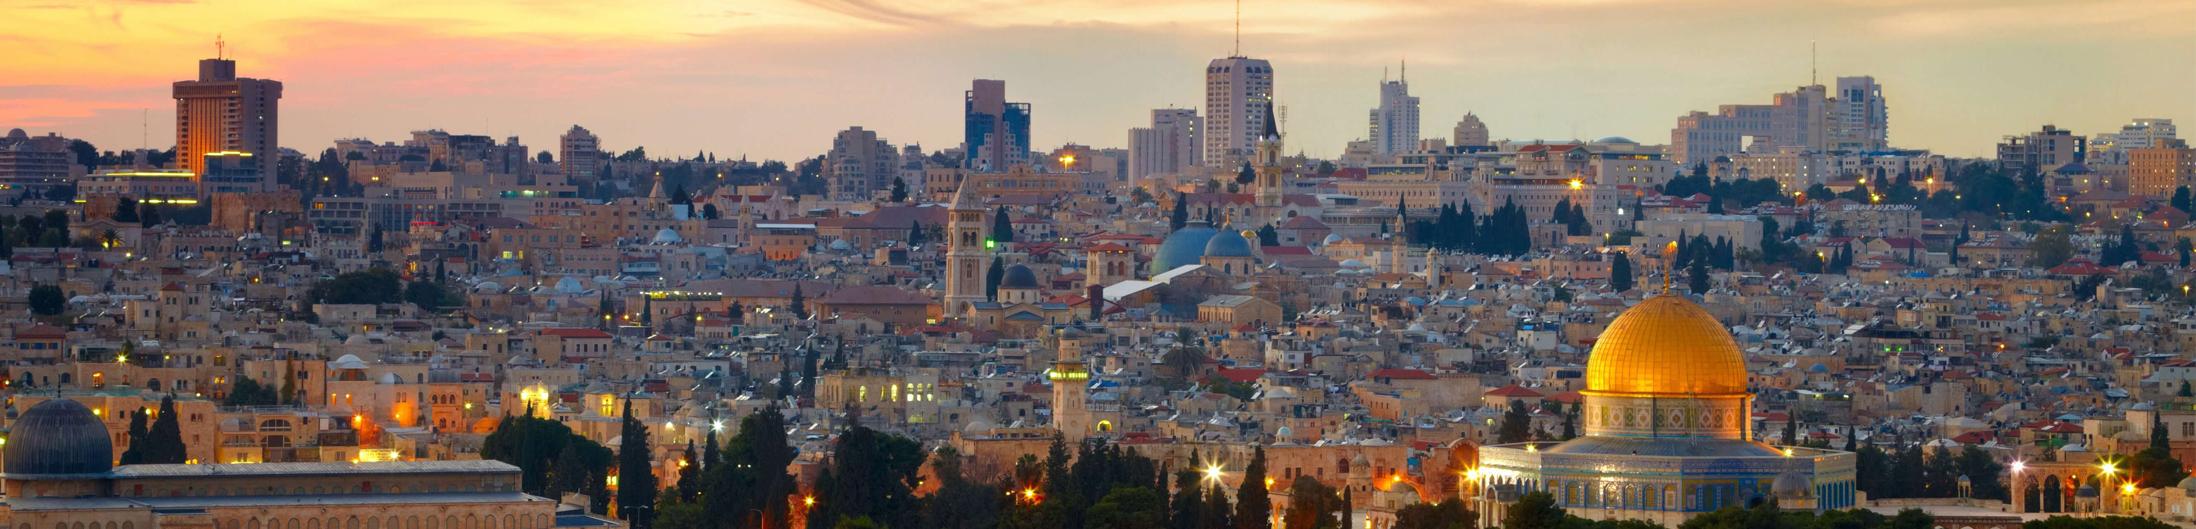 abt global trip to israel